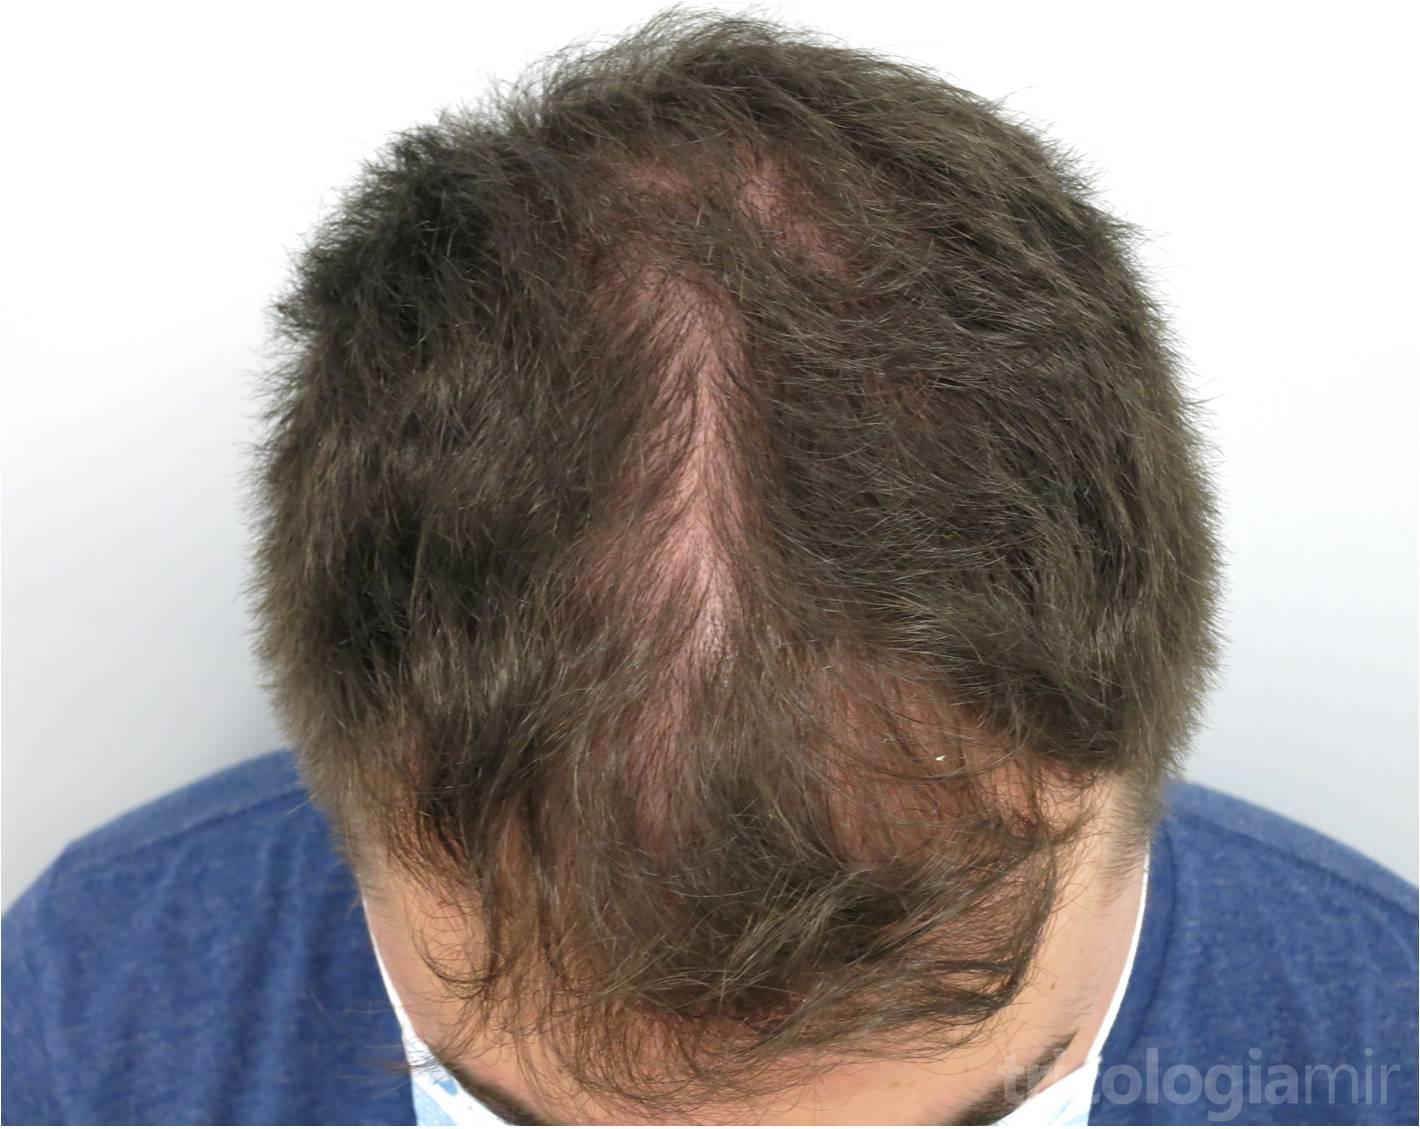 MAGA III previa a tratamiento con Minoxidil oral